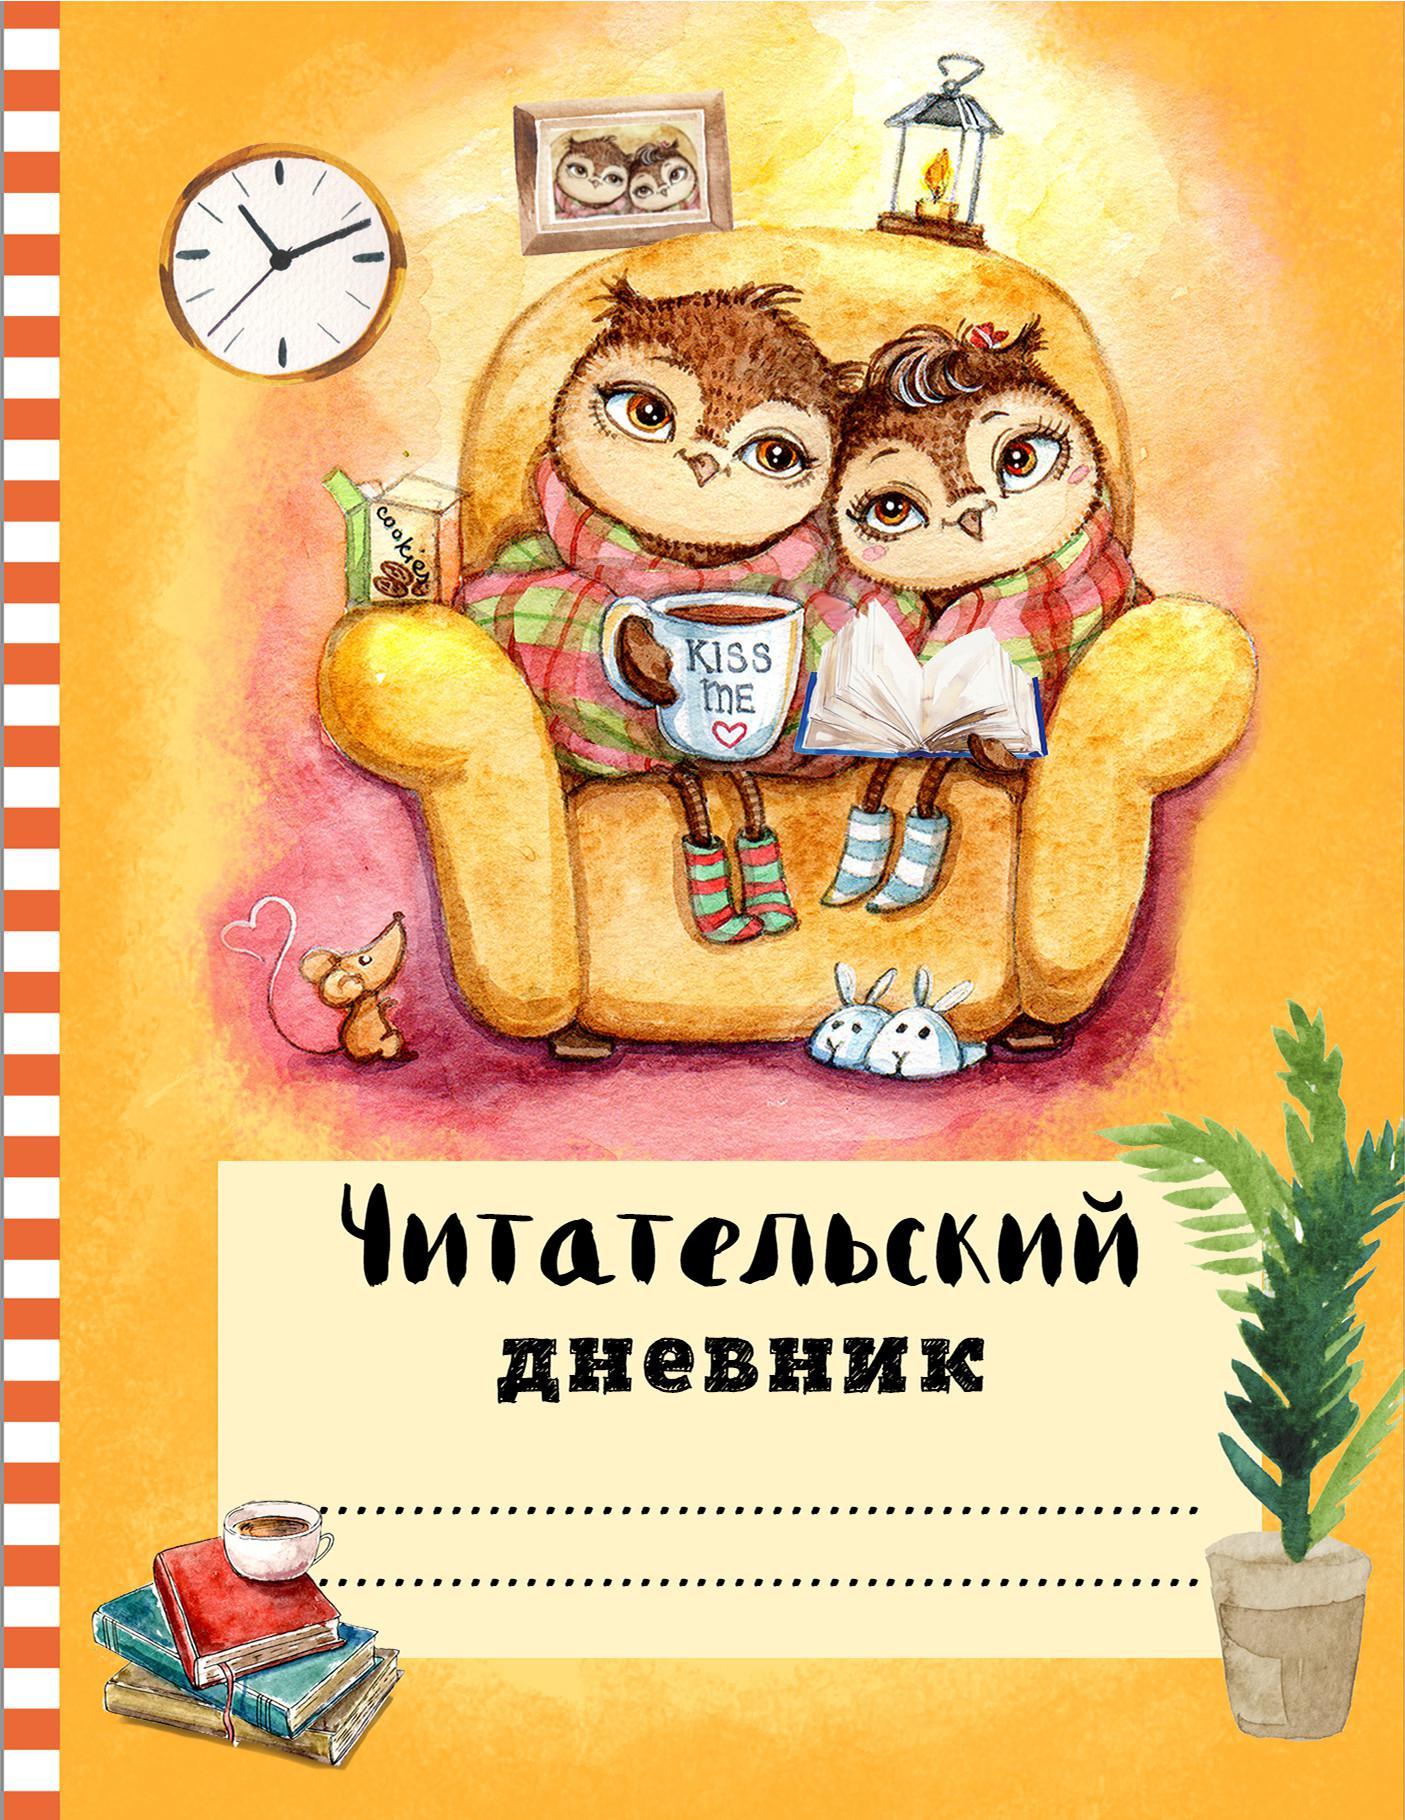 Читательский дневник с анкетой. Совы. Вечернее чтение, 162х210мм, мягкая обложка, цветной блок, 64 стр.